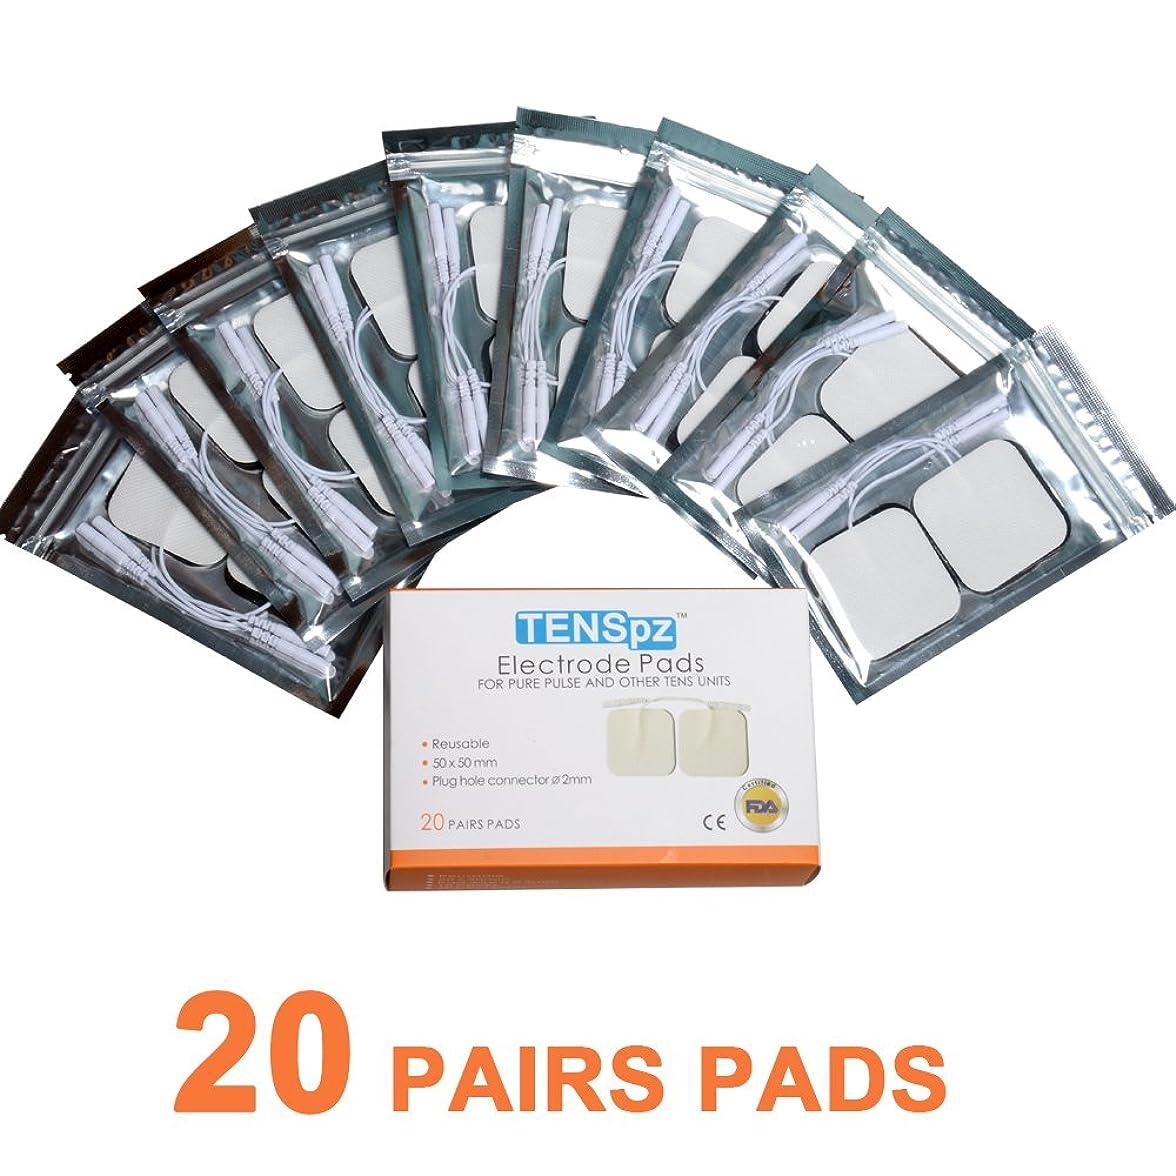 不利益成長する受け継ぐTens pz 粘着パッド 低周波用 5*5cm電極パッド ,10袋,4枚入り/袋